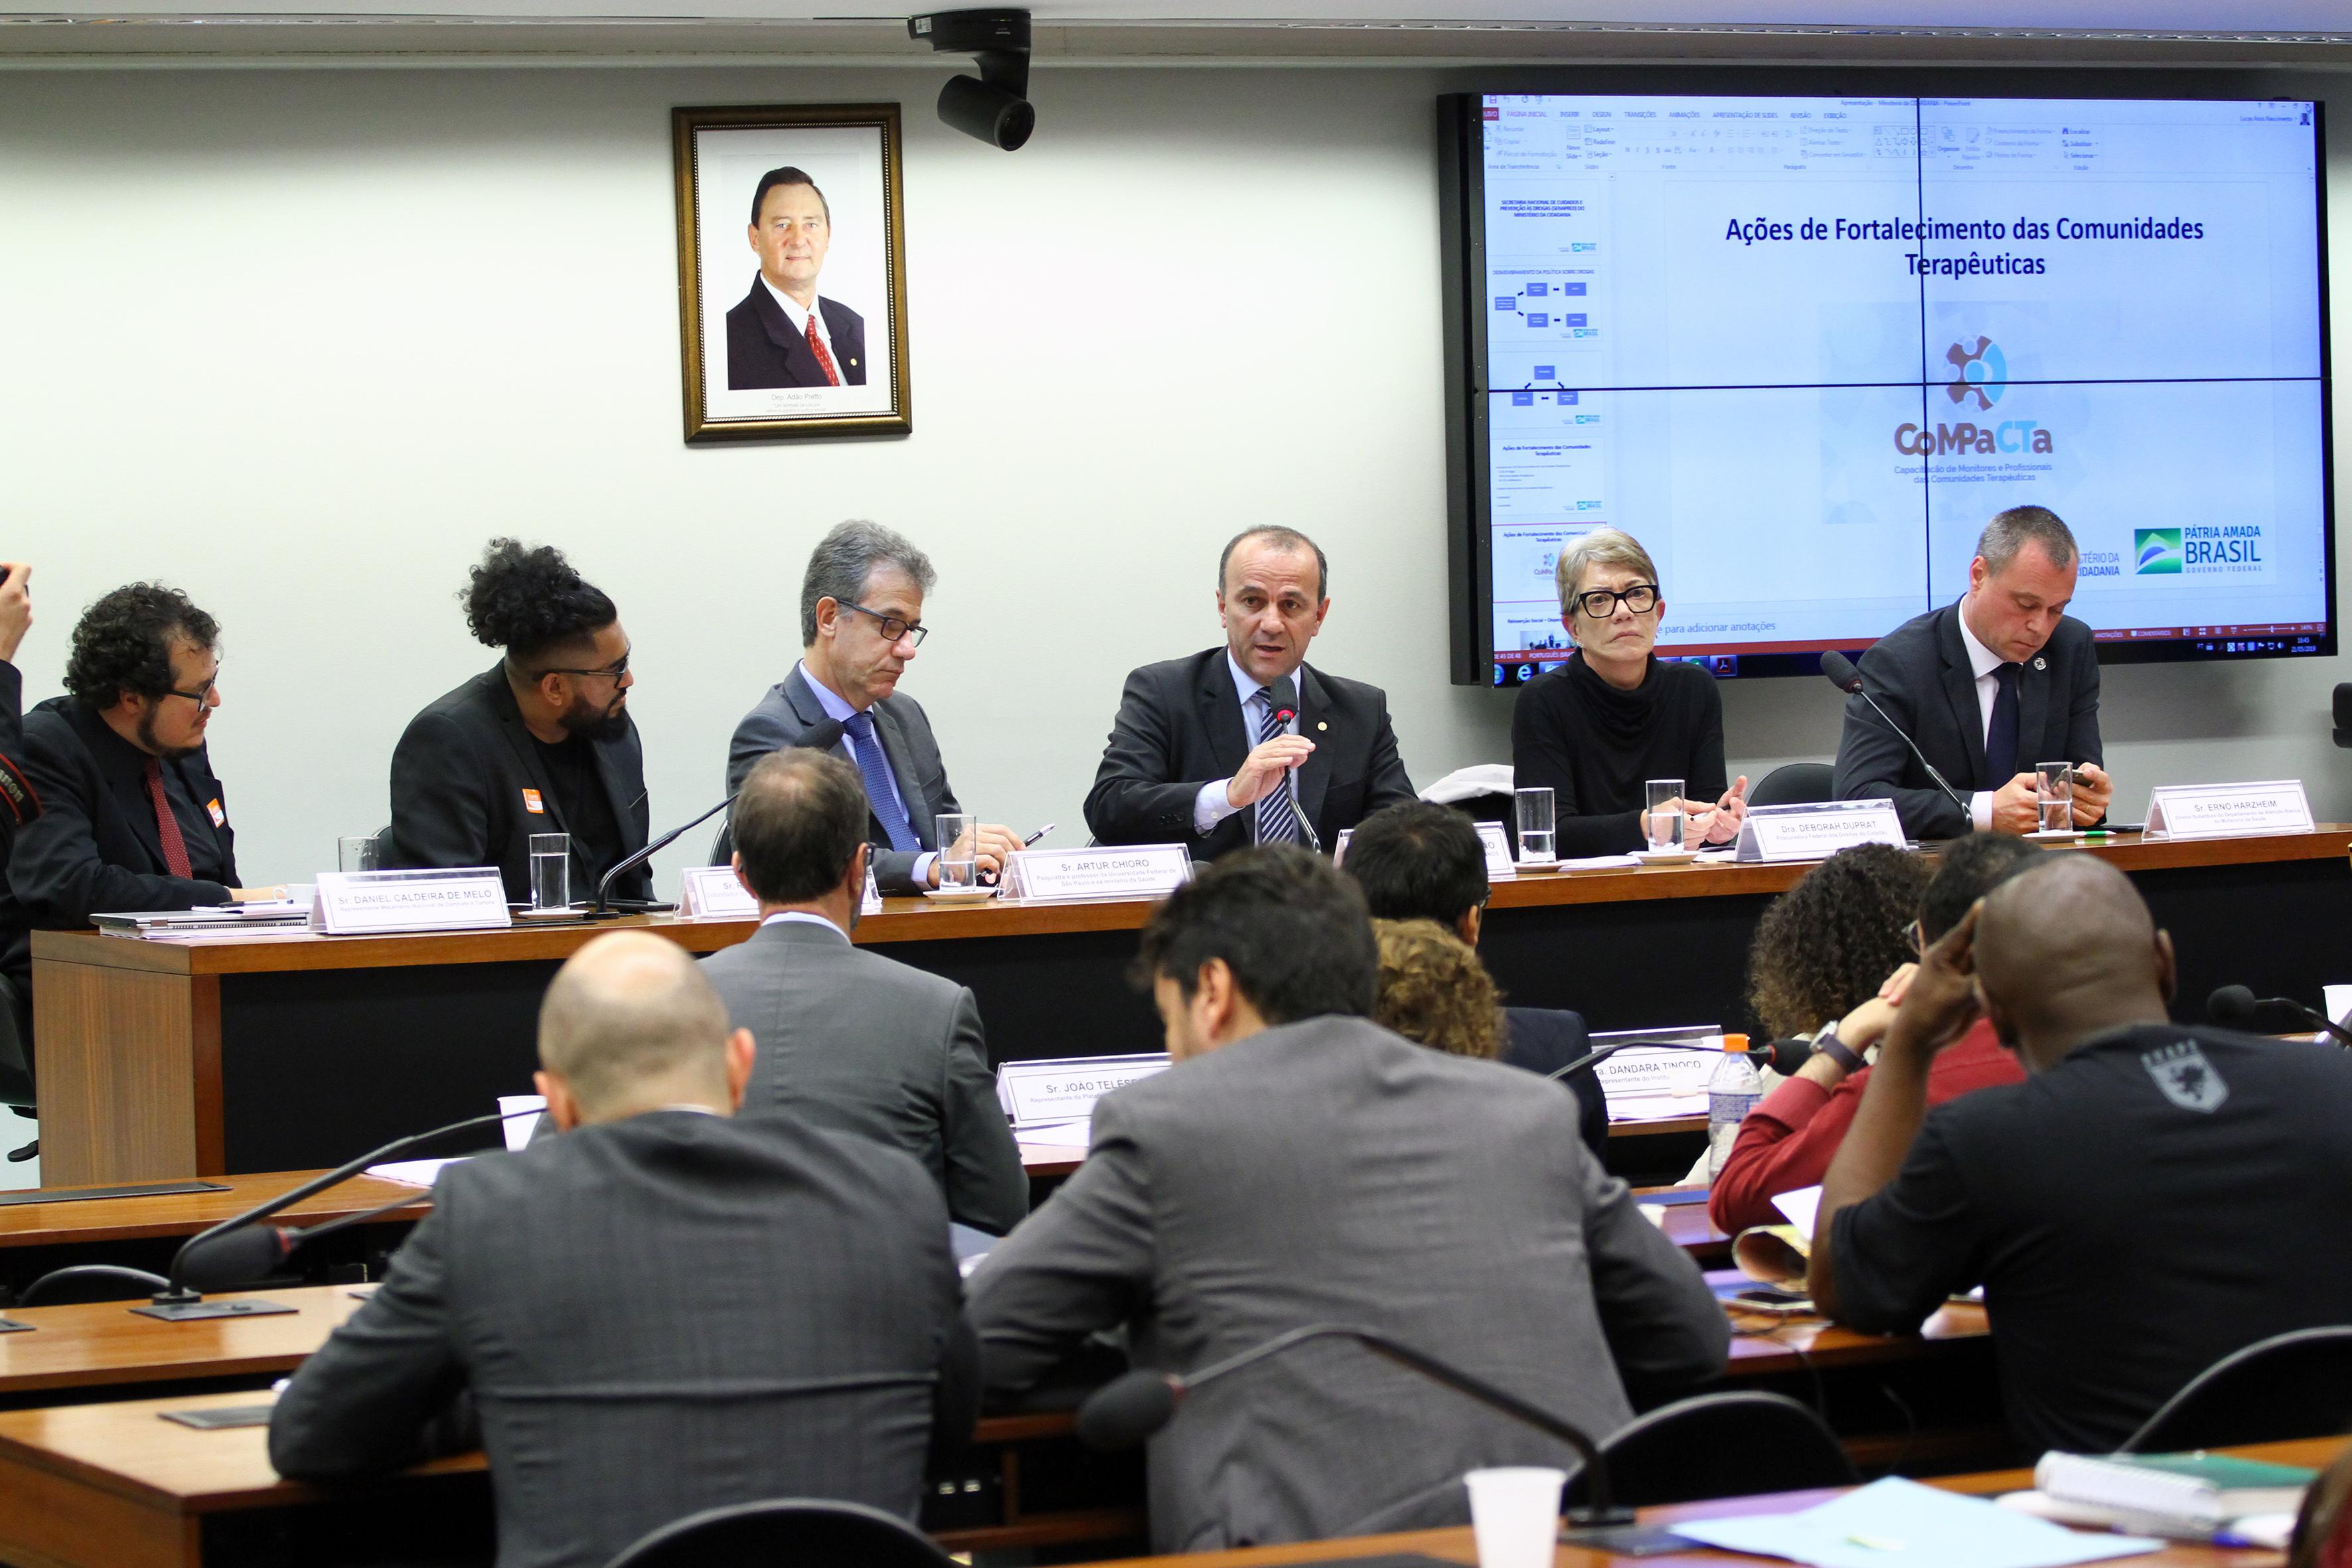 Audiência pública sobre a Política Nacional sobre Drogas - Decreto nº 9.761/19